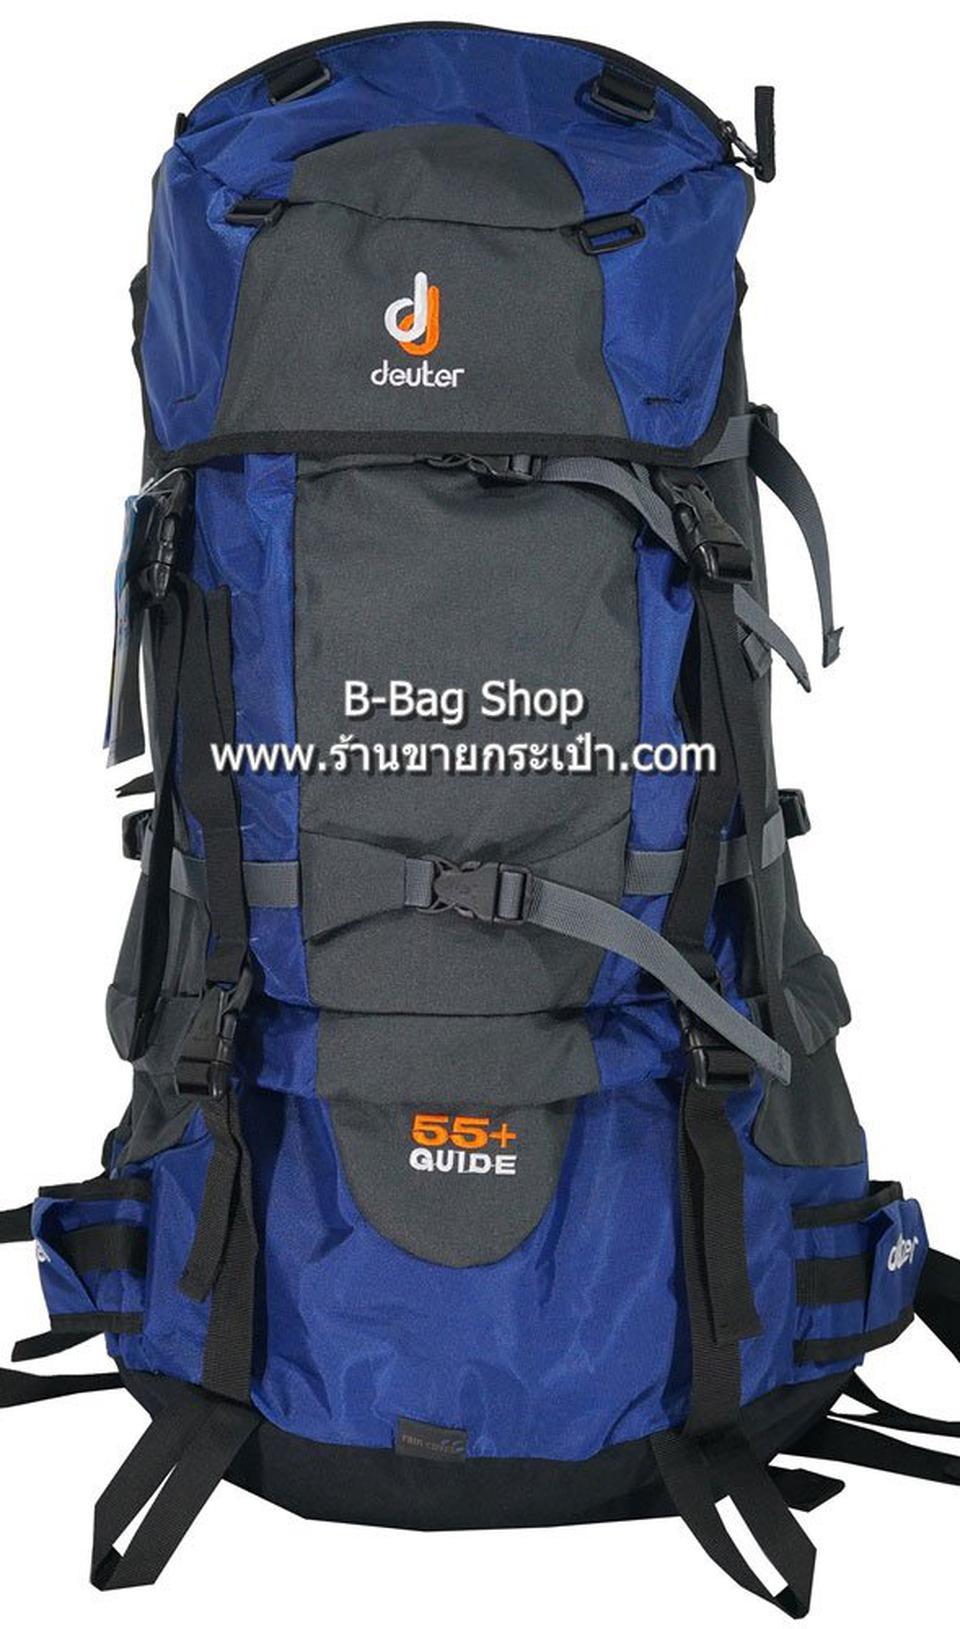 ศูนย์รวมกระเป๋าเป้ notebook กระเป๋าเป้นักนักเรียน กระเป๋าเป้เดินทาง backpack กว่า 1000 แบบ รูปที่ 1